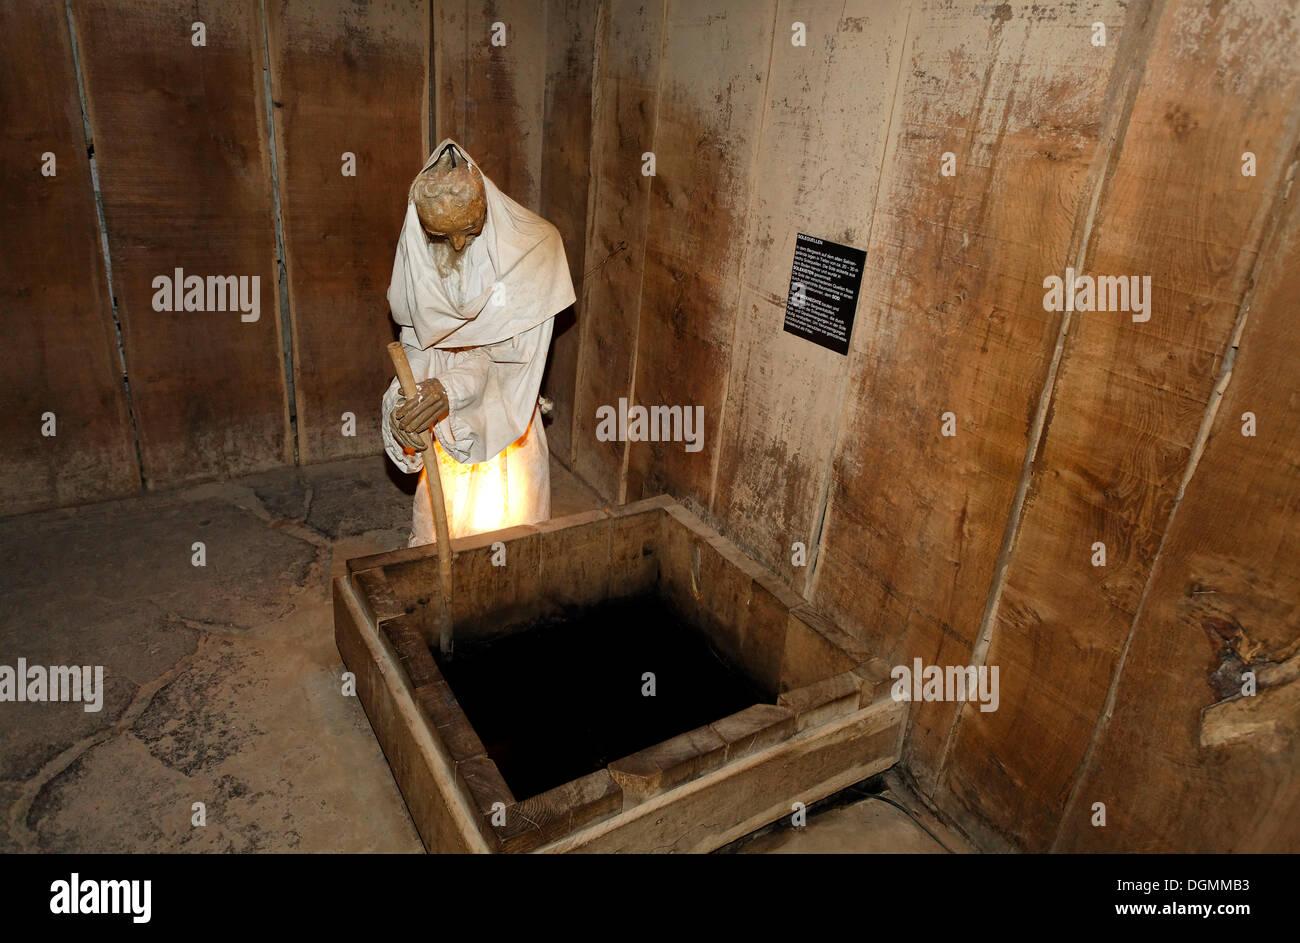 e623873ce8e Abbildung der saline Arbeiter in ein weißes Gewand